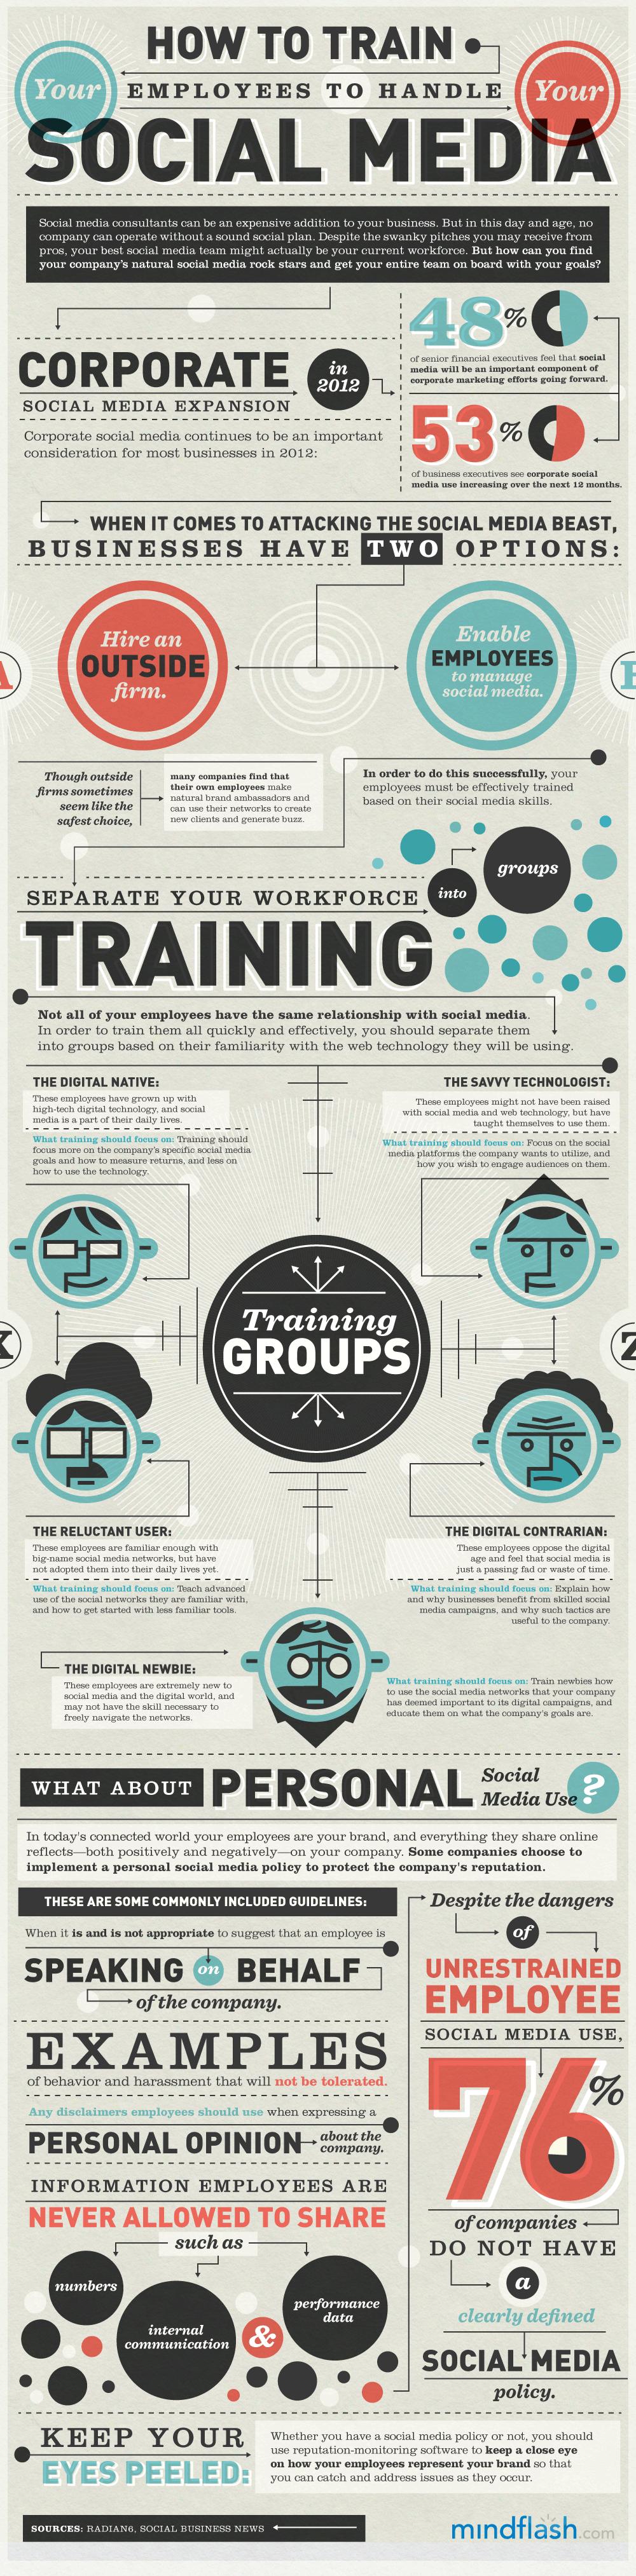 como entrenar empleados para social media